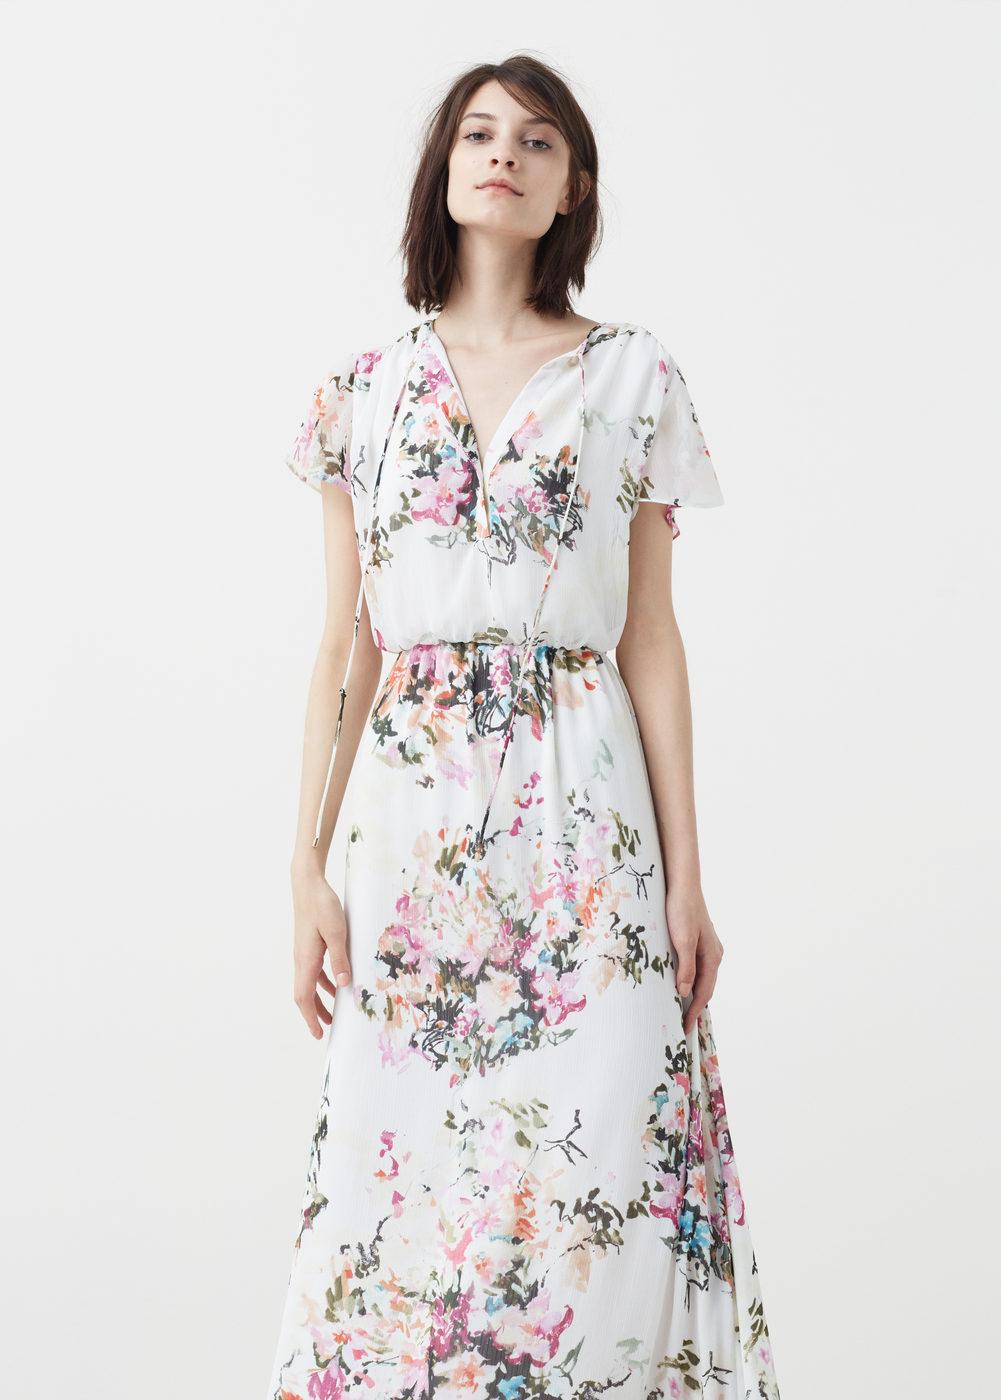 ea08ccc7d0e7 Robe mango longue fluide ete 2016 fleuri fond blanc - la robe longue